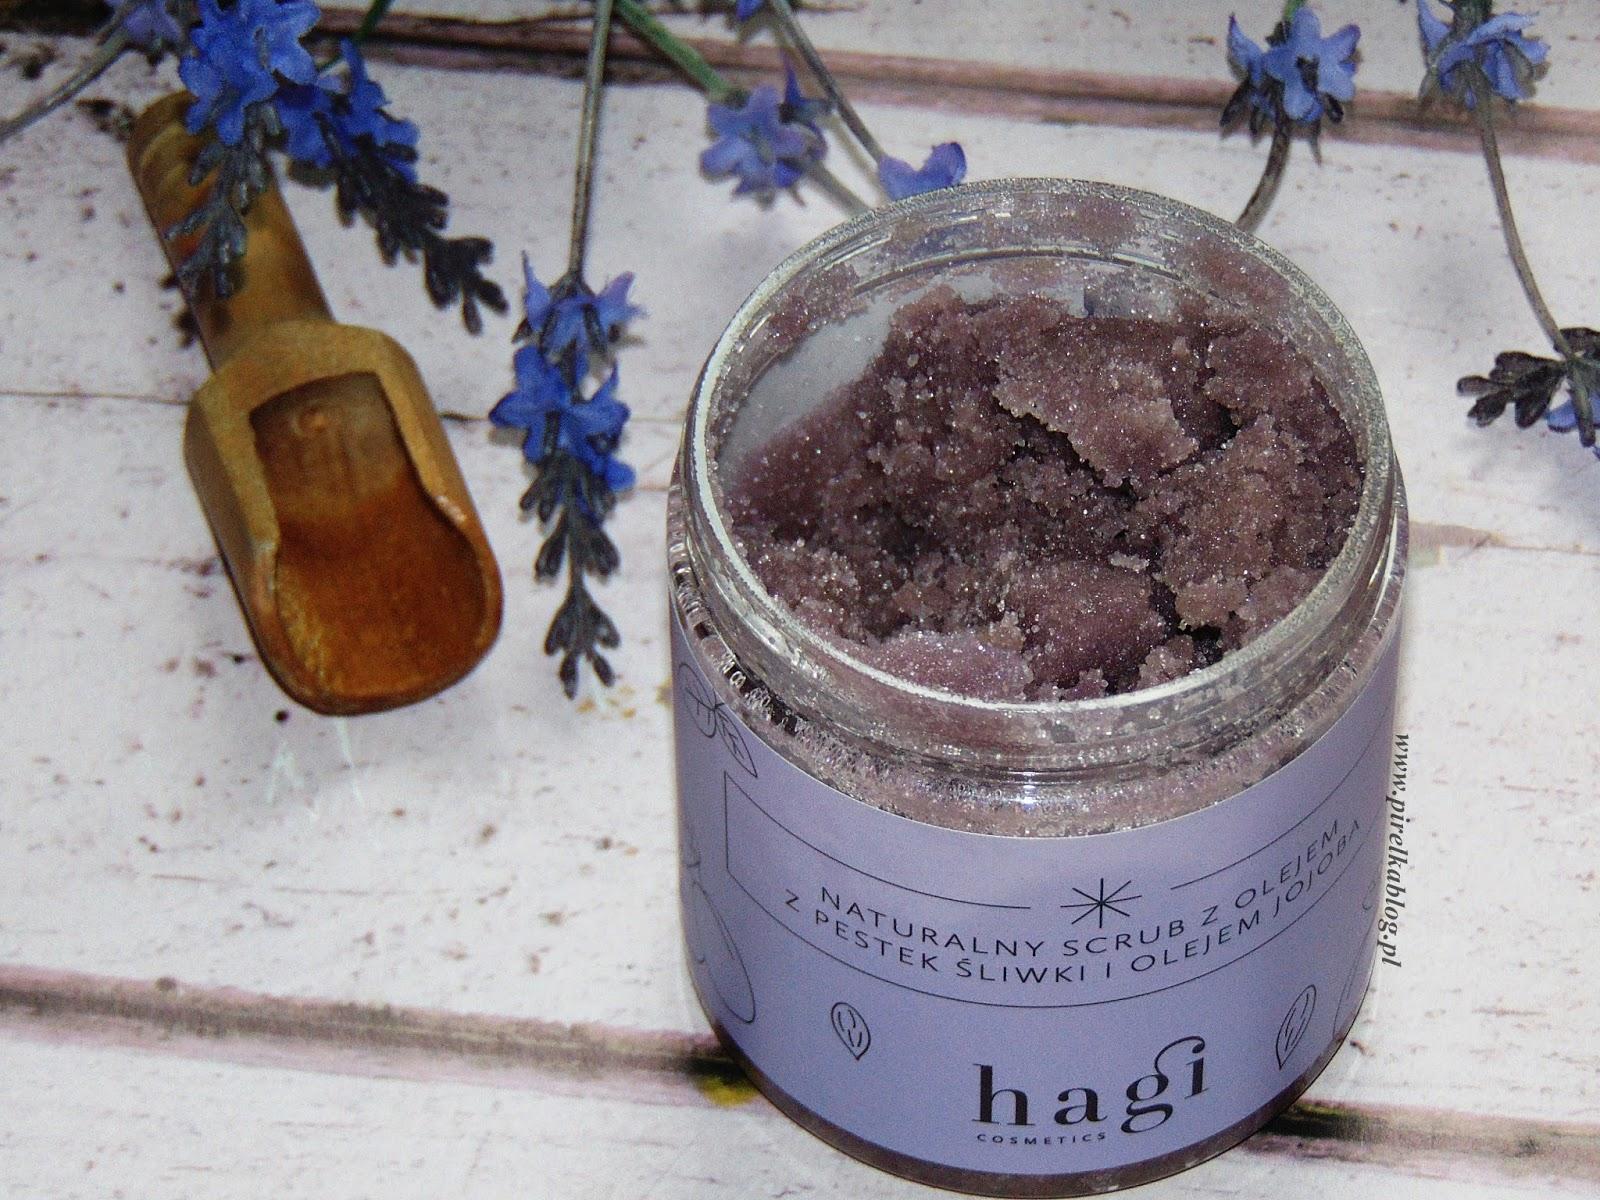 Hagi, Naturalny scrub do ciała z olejem z pestek śliwki